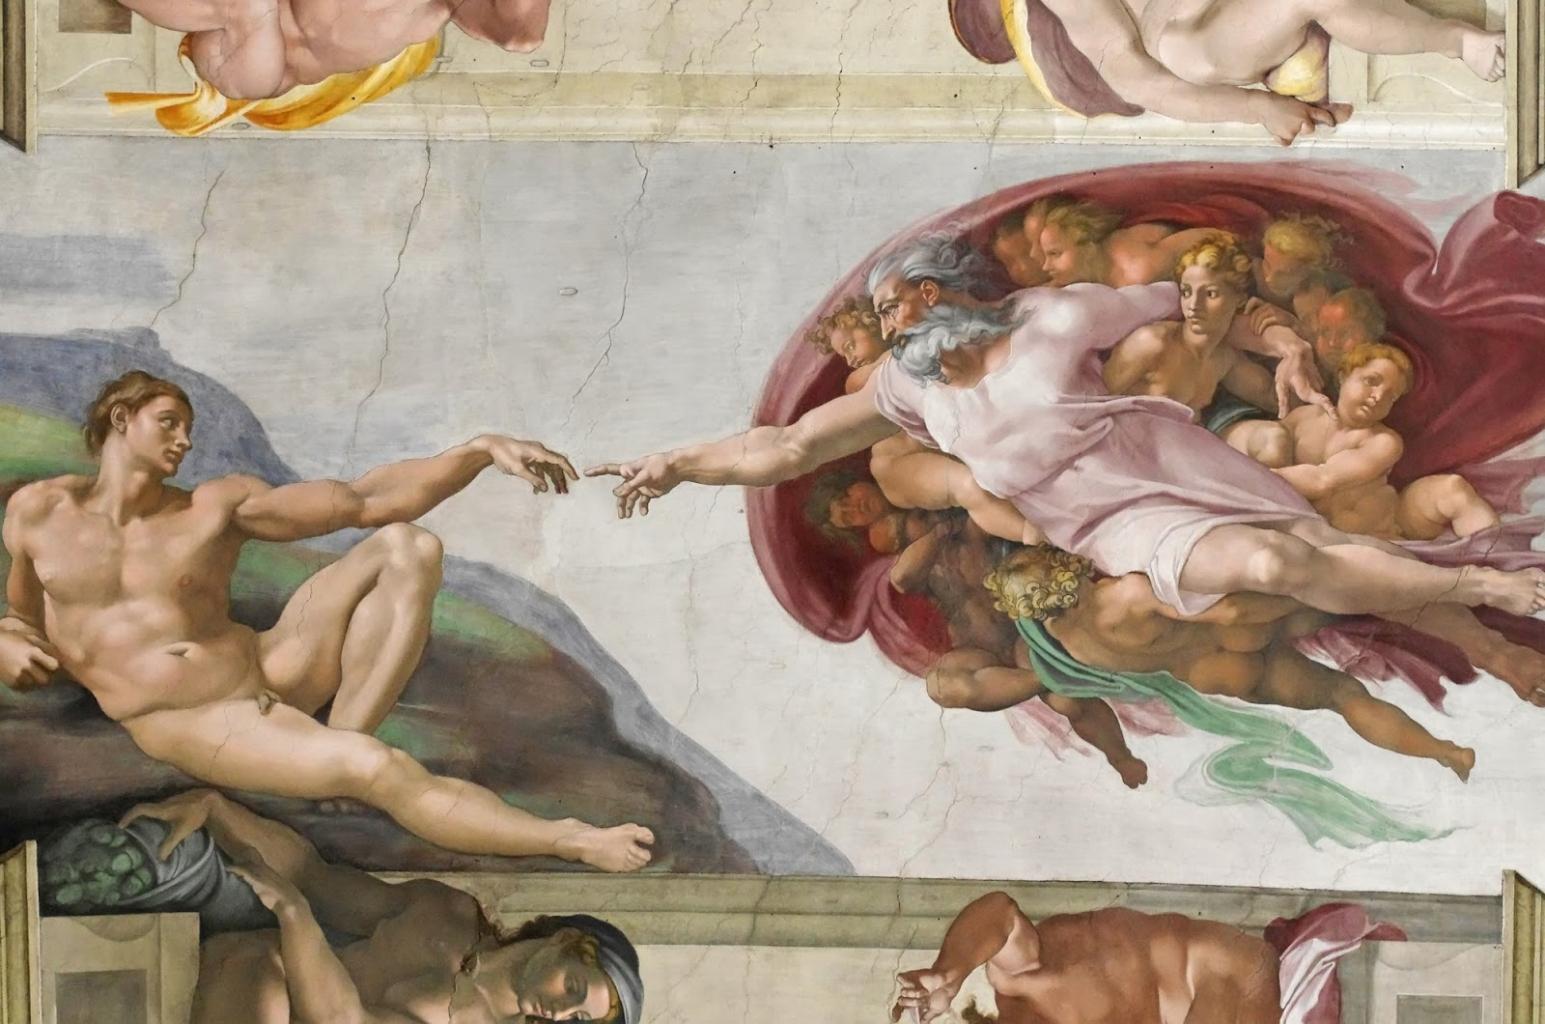 Az Ádám teremtése című freskóval Michelangelo jóval meghaladta a korát, hiszen pontosan ábrázolta az emberi agyat.